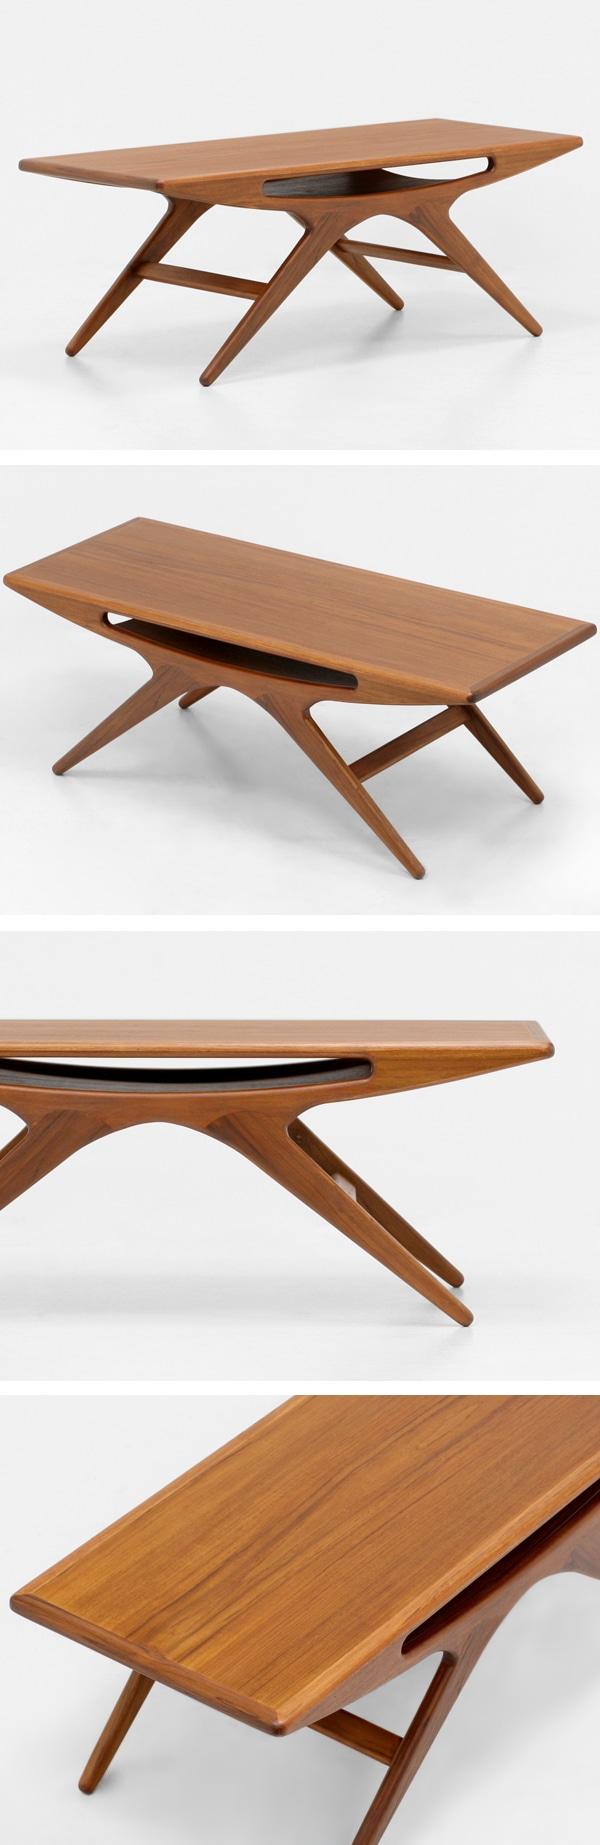 北欧デザイン家具,Klokken,クロッケン,チーク材,コーヒーテーブル,ヨハネスアンダーセン,UFOテーブル,スマイルテーブル